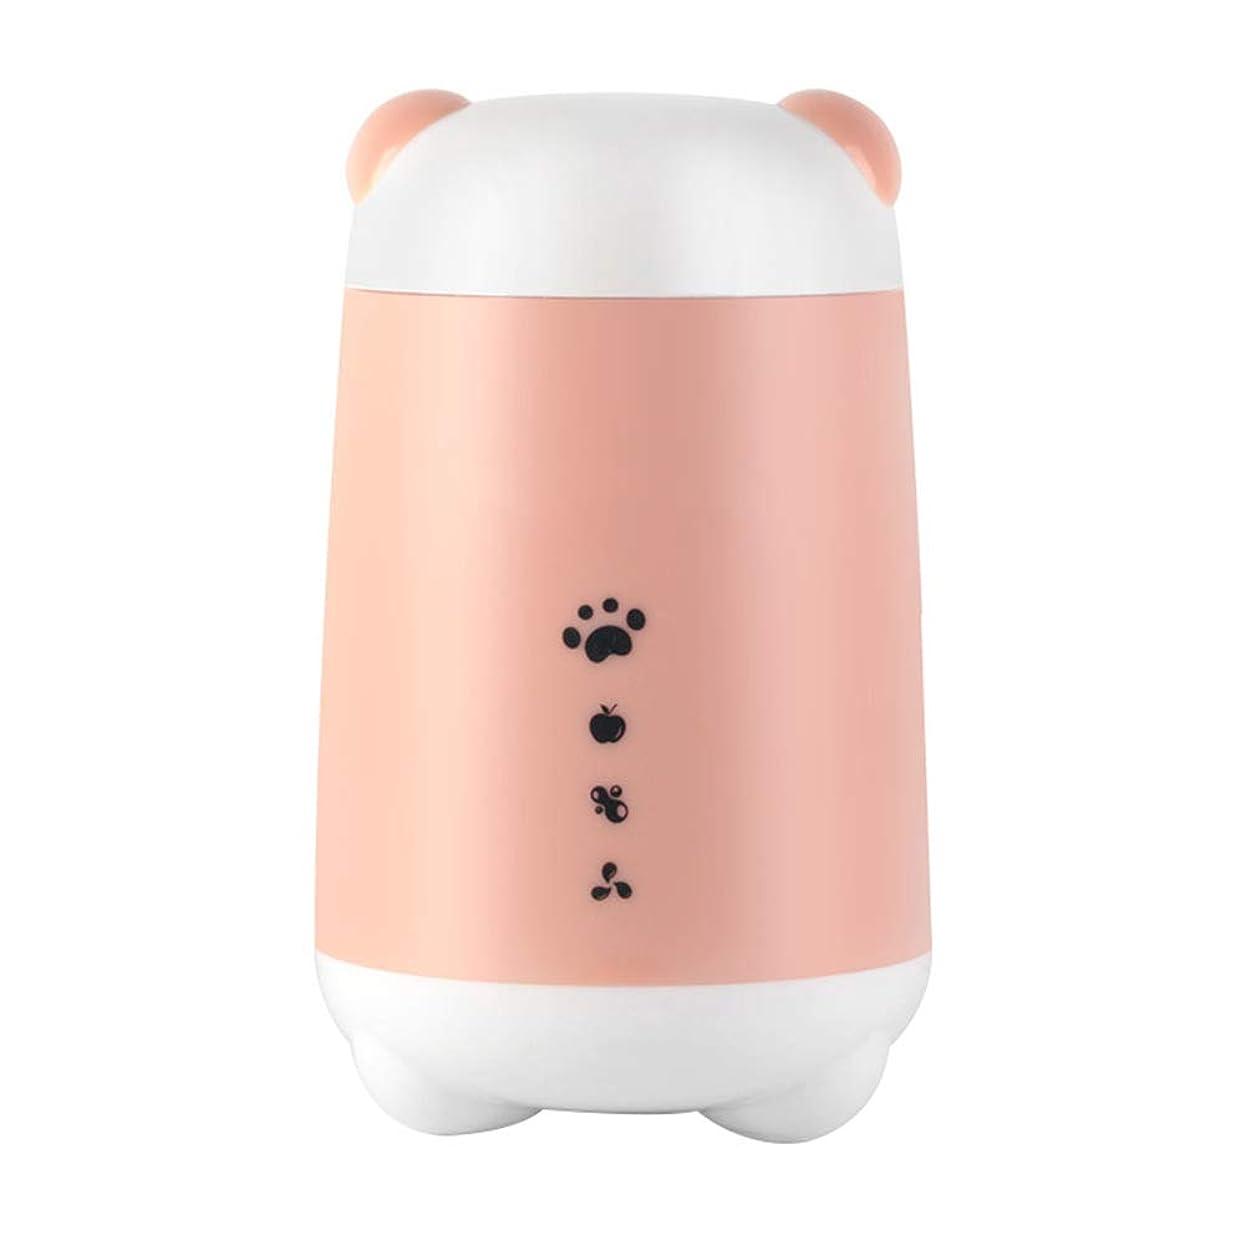 ボイラー殺すリーフレットDIY の自然なフルーツのマスク、美の器械のフルーツおよび野菜フルーツのマスク機械家-作られた自動小型美白の水和の美の器械,Pink